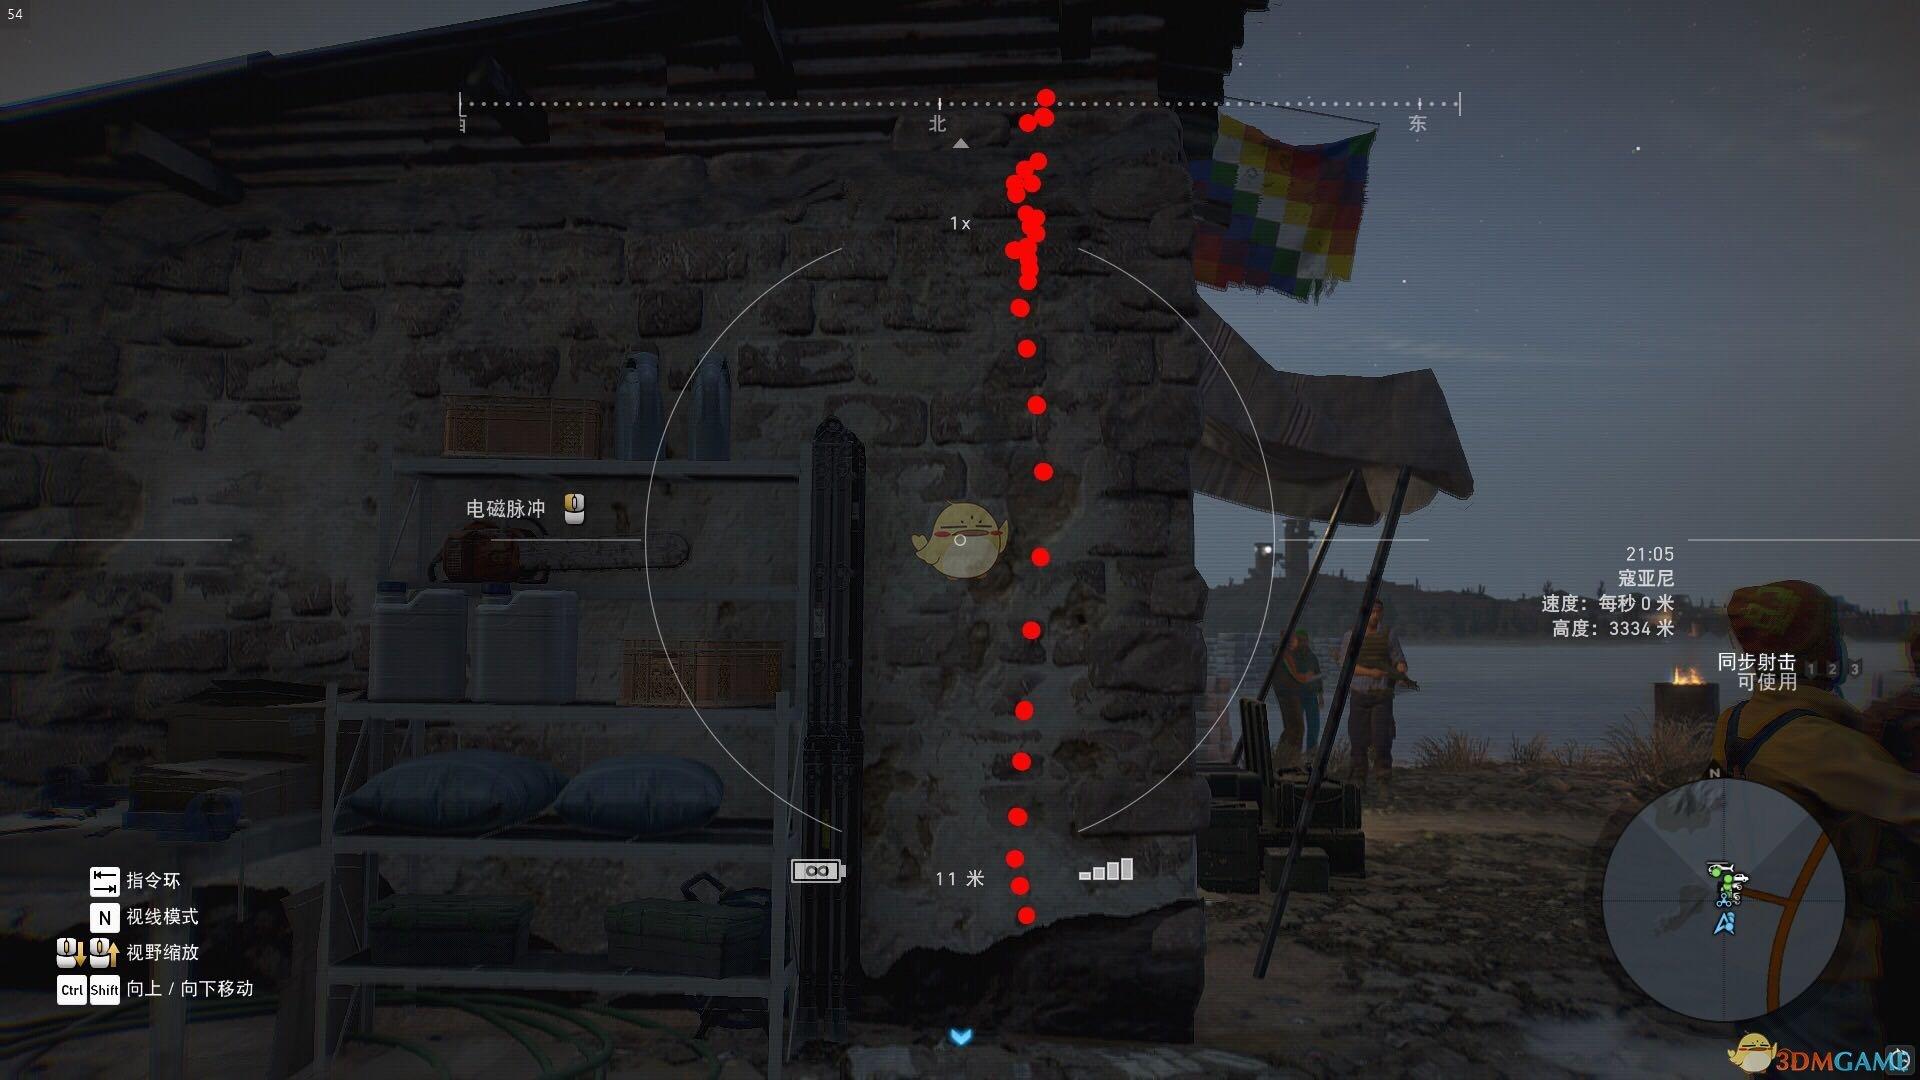 《幽灵行动:荒野》MK18步枪全方位评测